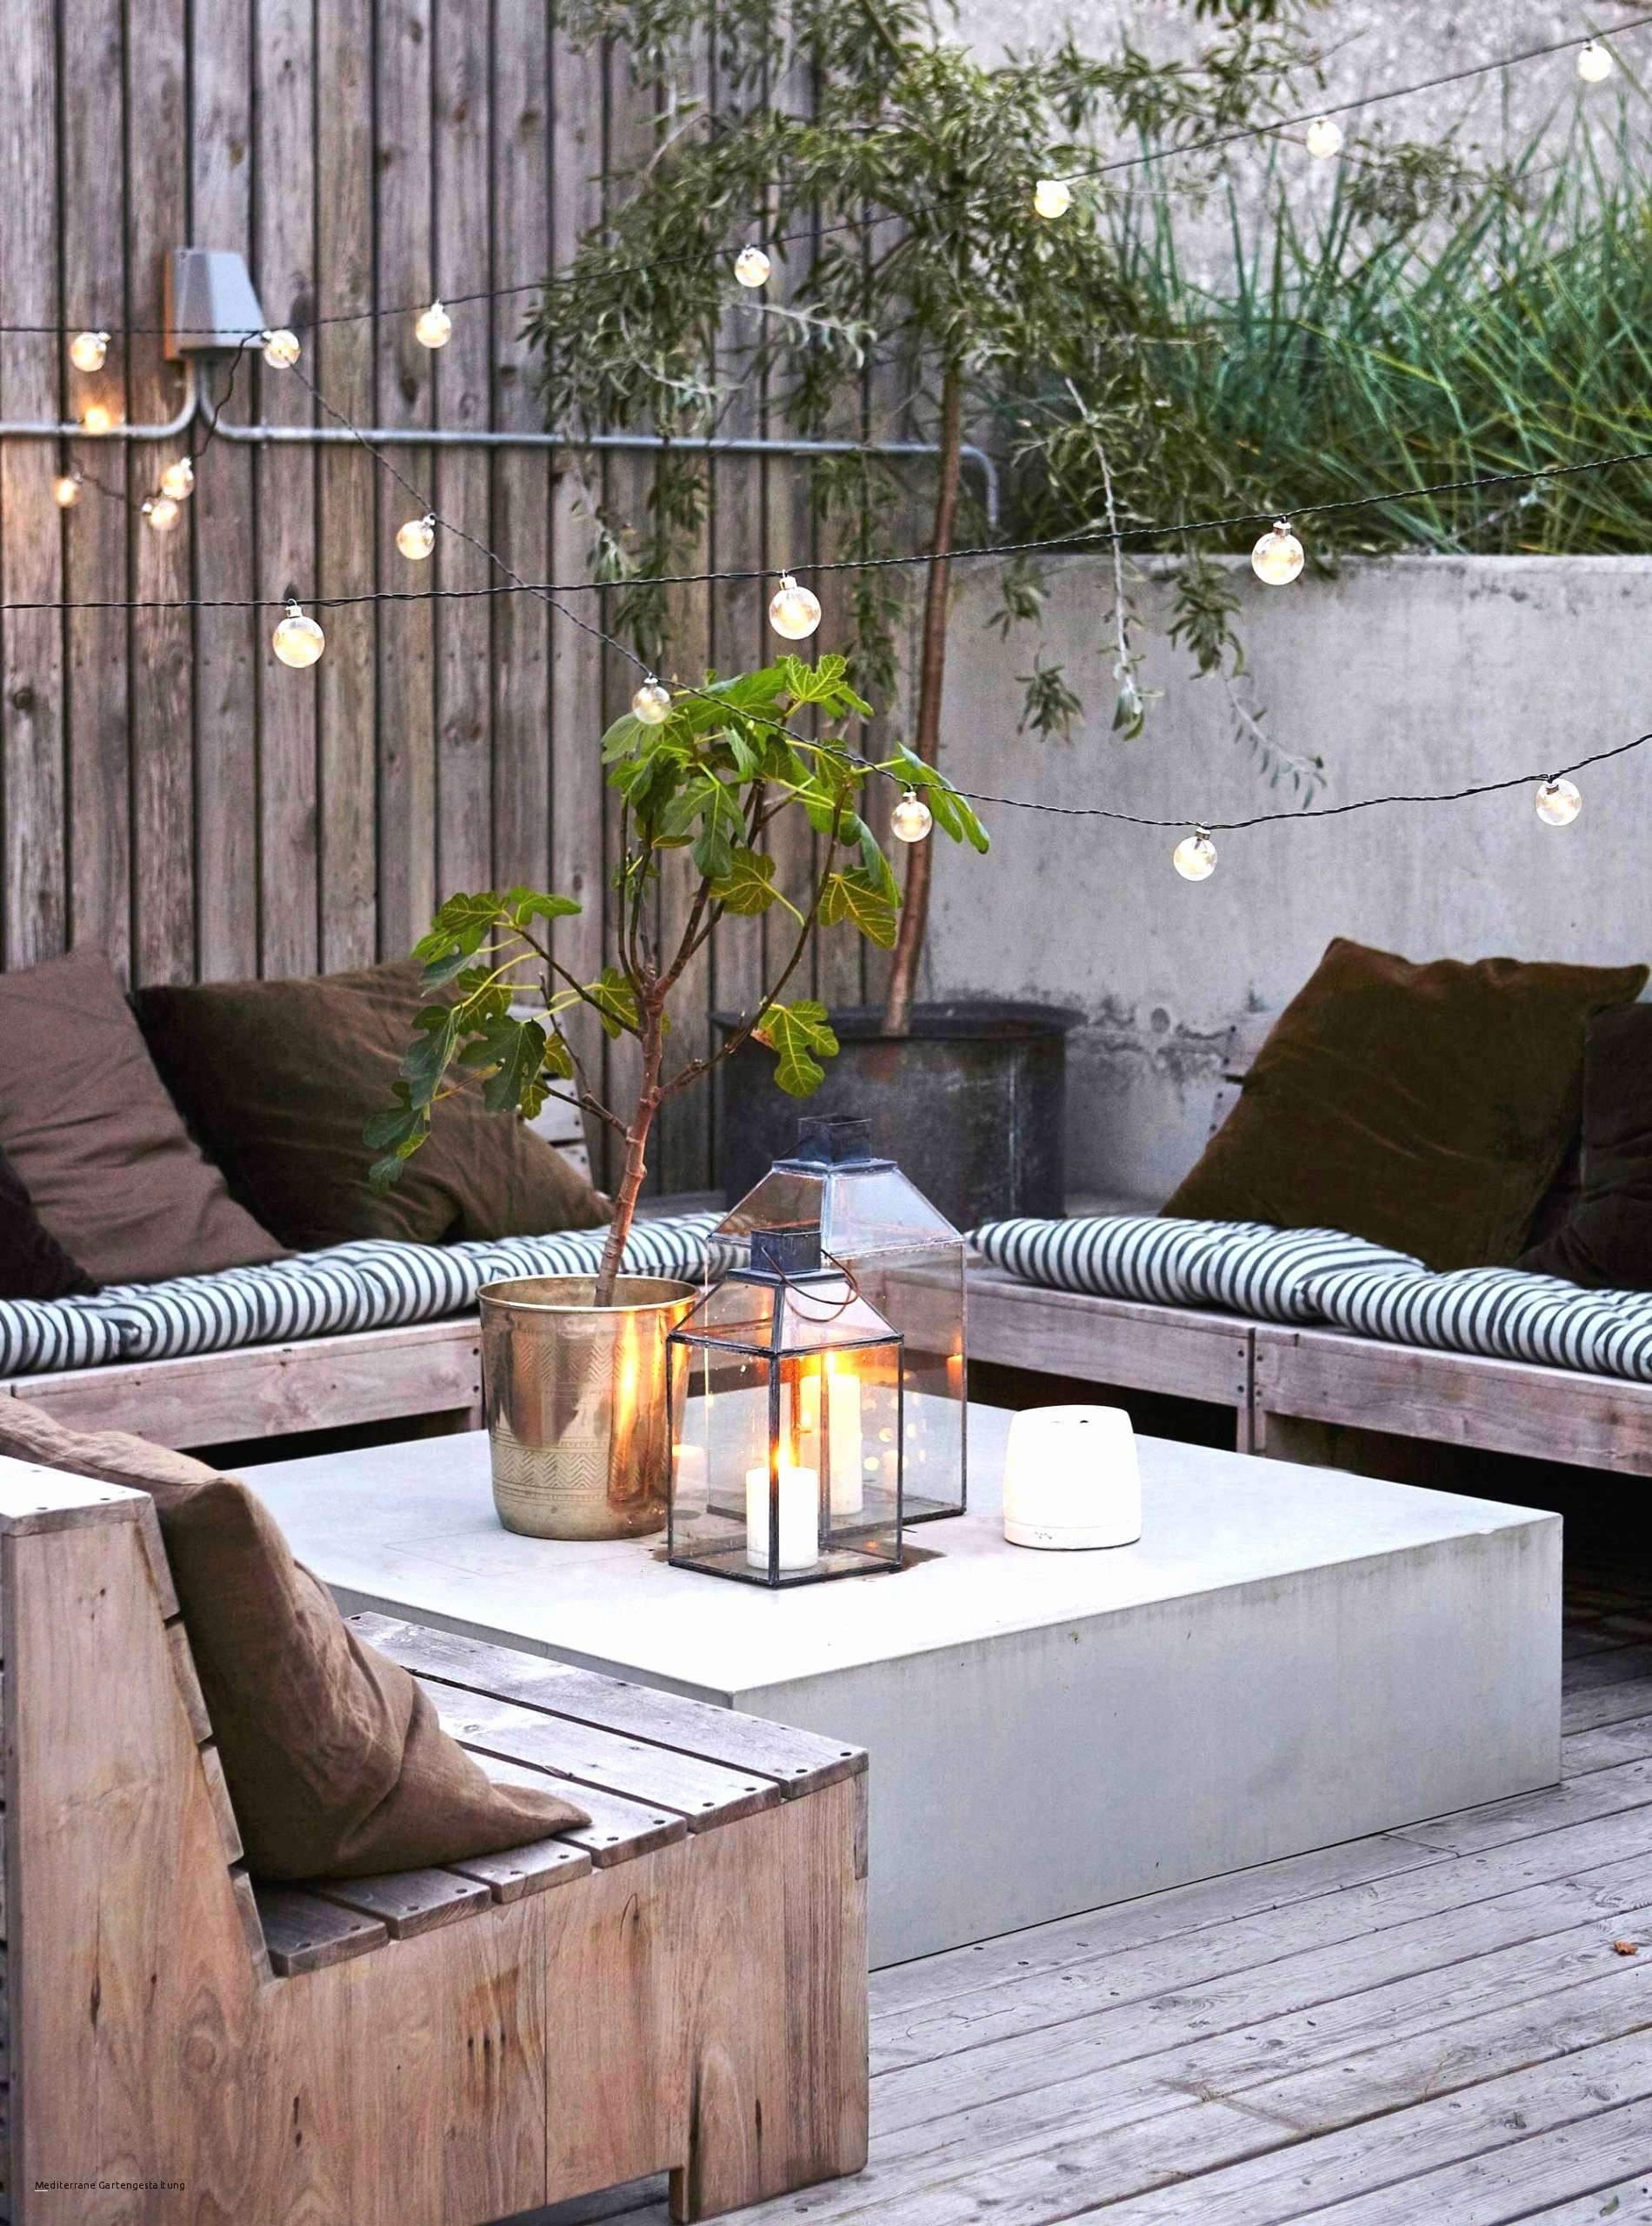 wohnzimmer deko selber machen das beste von deko garten modern deko garten selber machen neu deko balkon of wohnzimmer deko selber machen